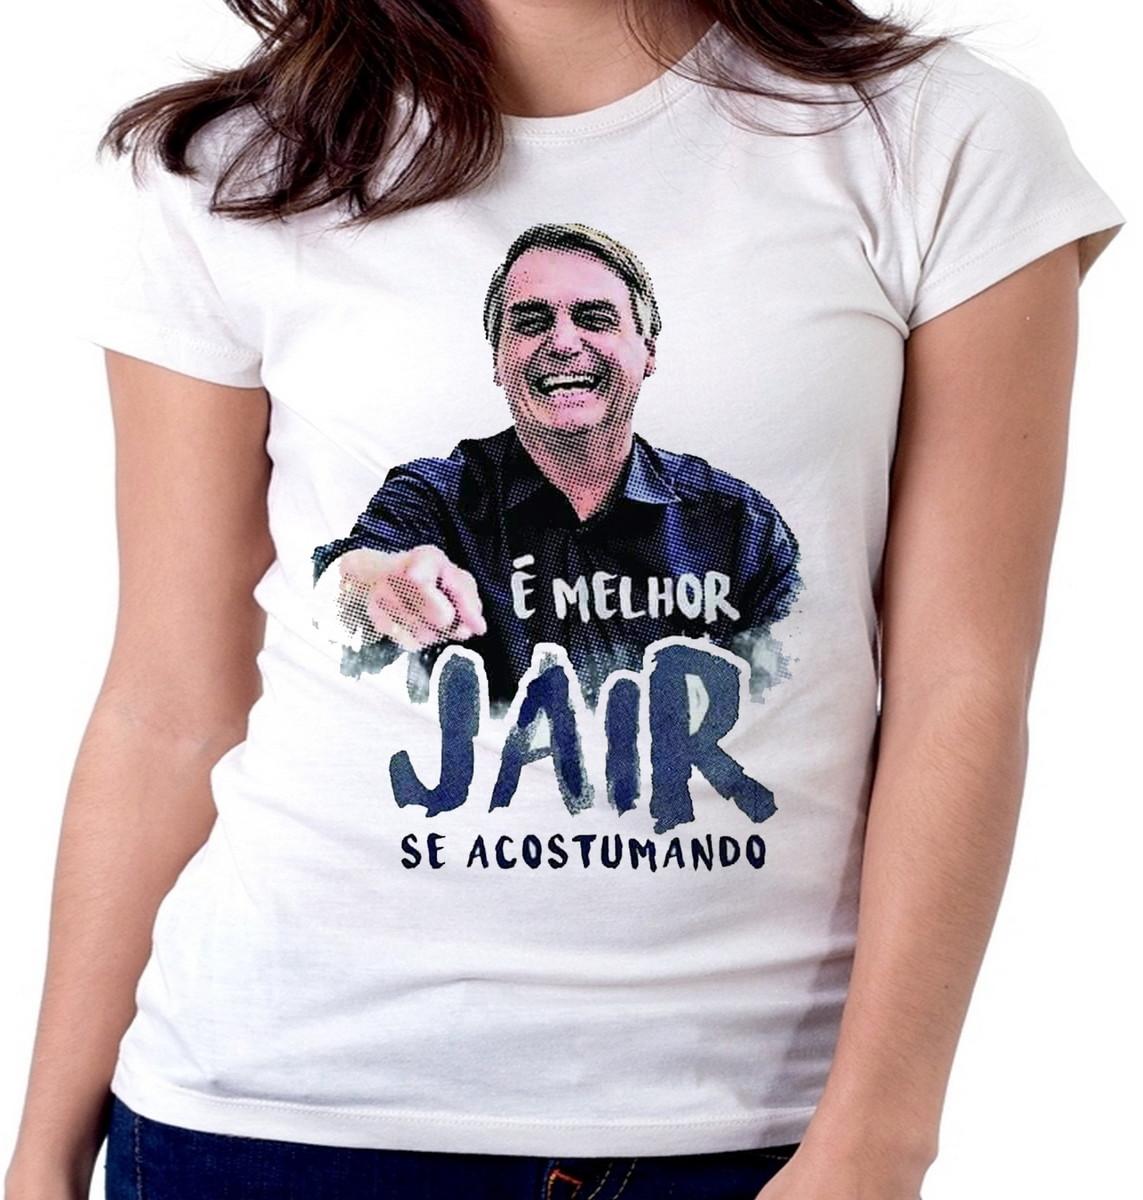 f8f28c3ed1 blusa feminina baby look Melhor Jair acostumando Bolsonaro no Elo7 ...